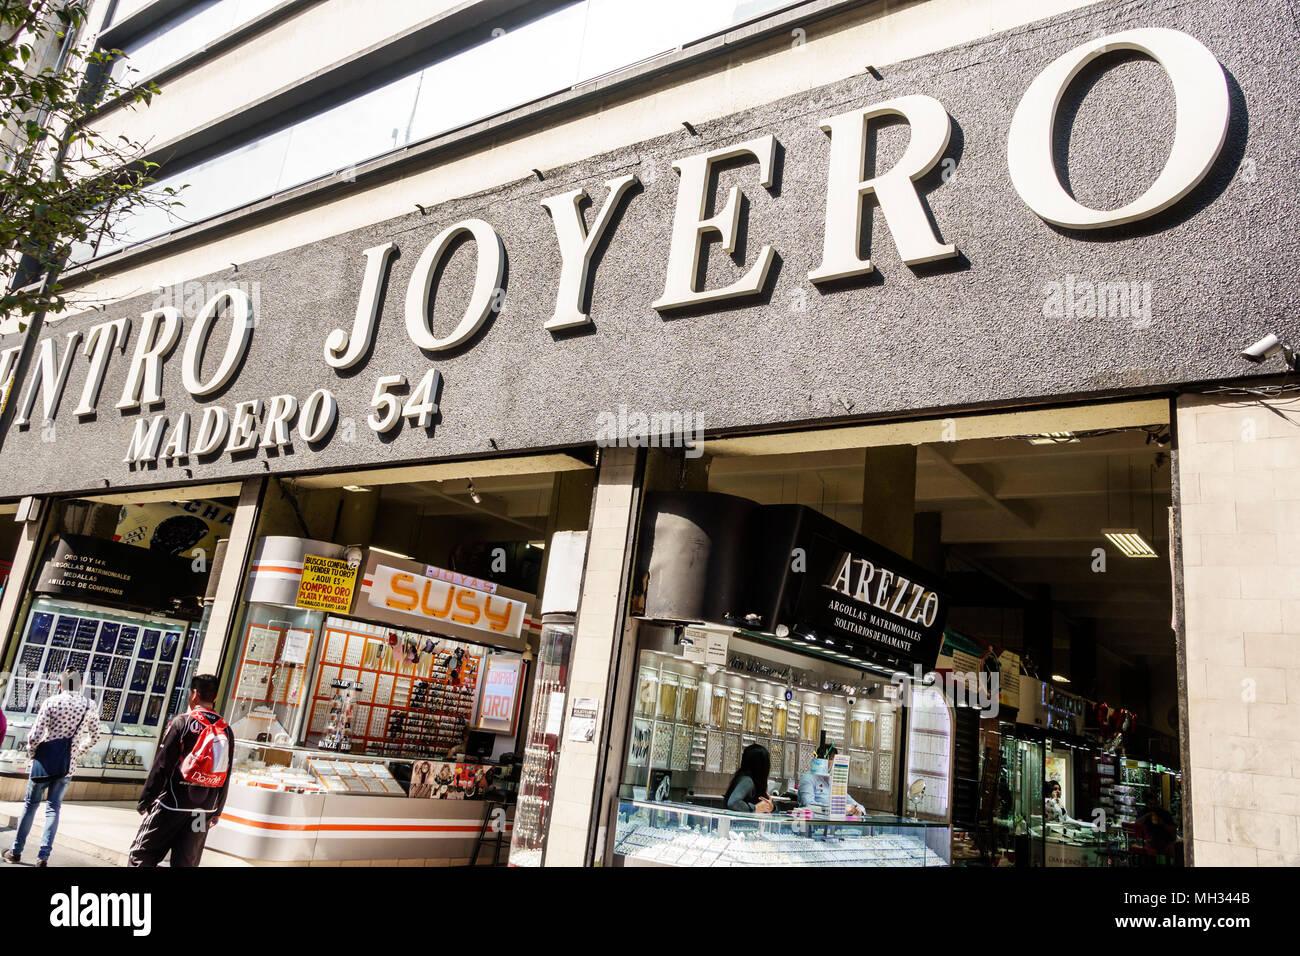 c4a3c6762c9b Ciudad de México Ciudad de México Distrito Federal Distrito DF D.F. CDMX  Hispano mexicano Centro Historico ...